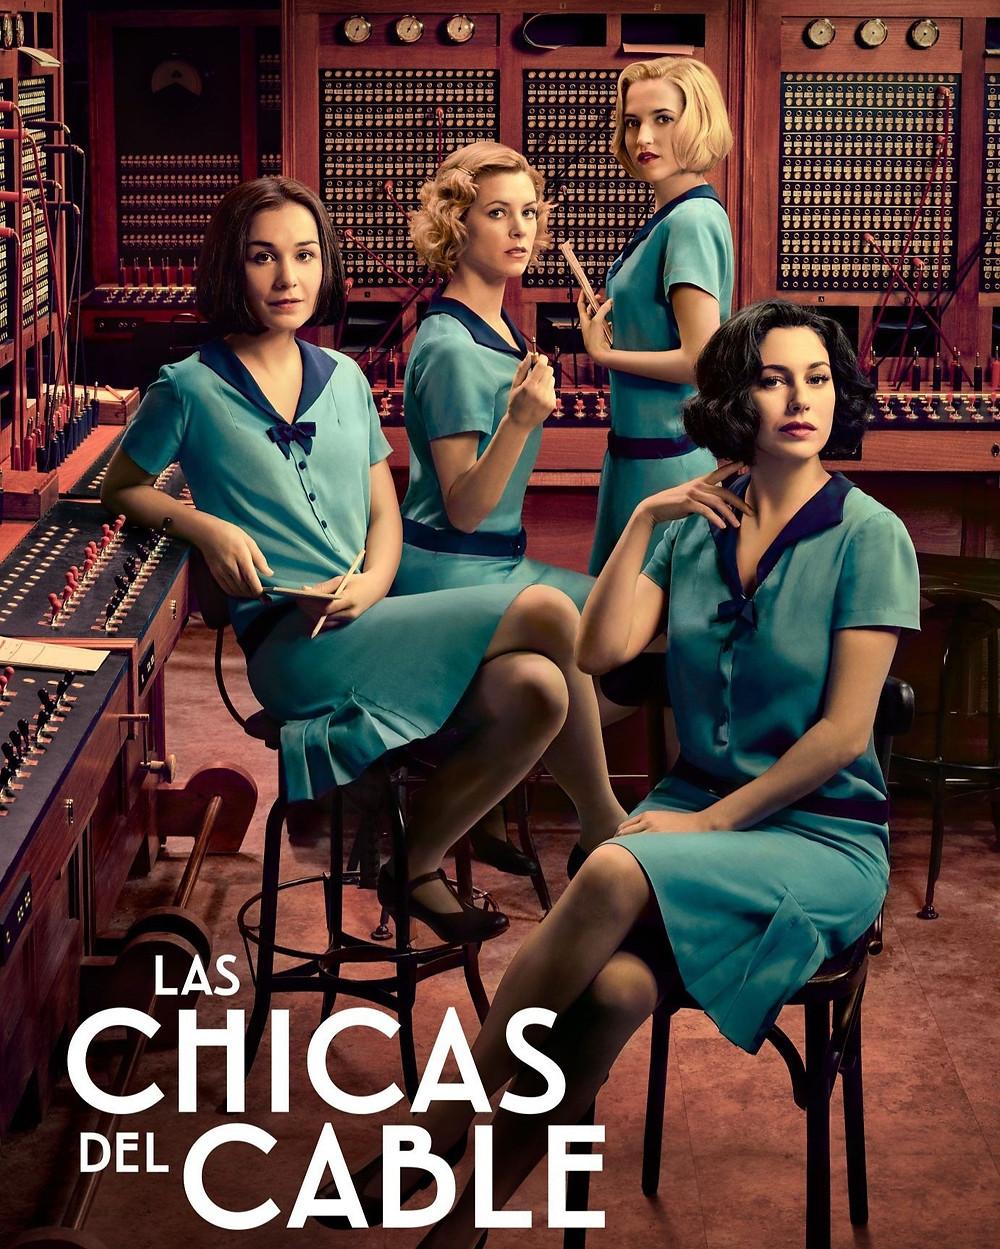 Las Chicas del Cable série